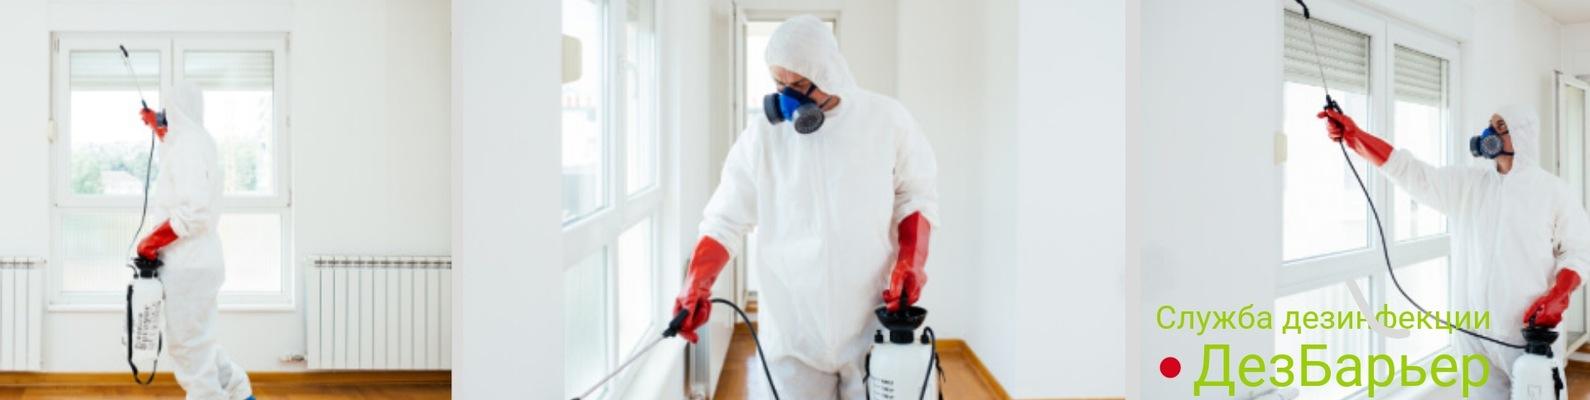 Обработка от блох: эффективная очистка квартир и жилых помещений